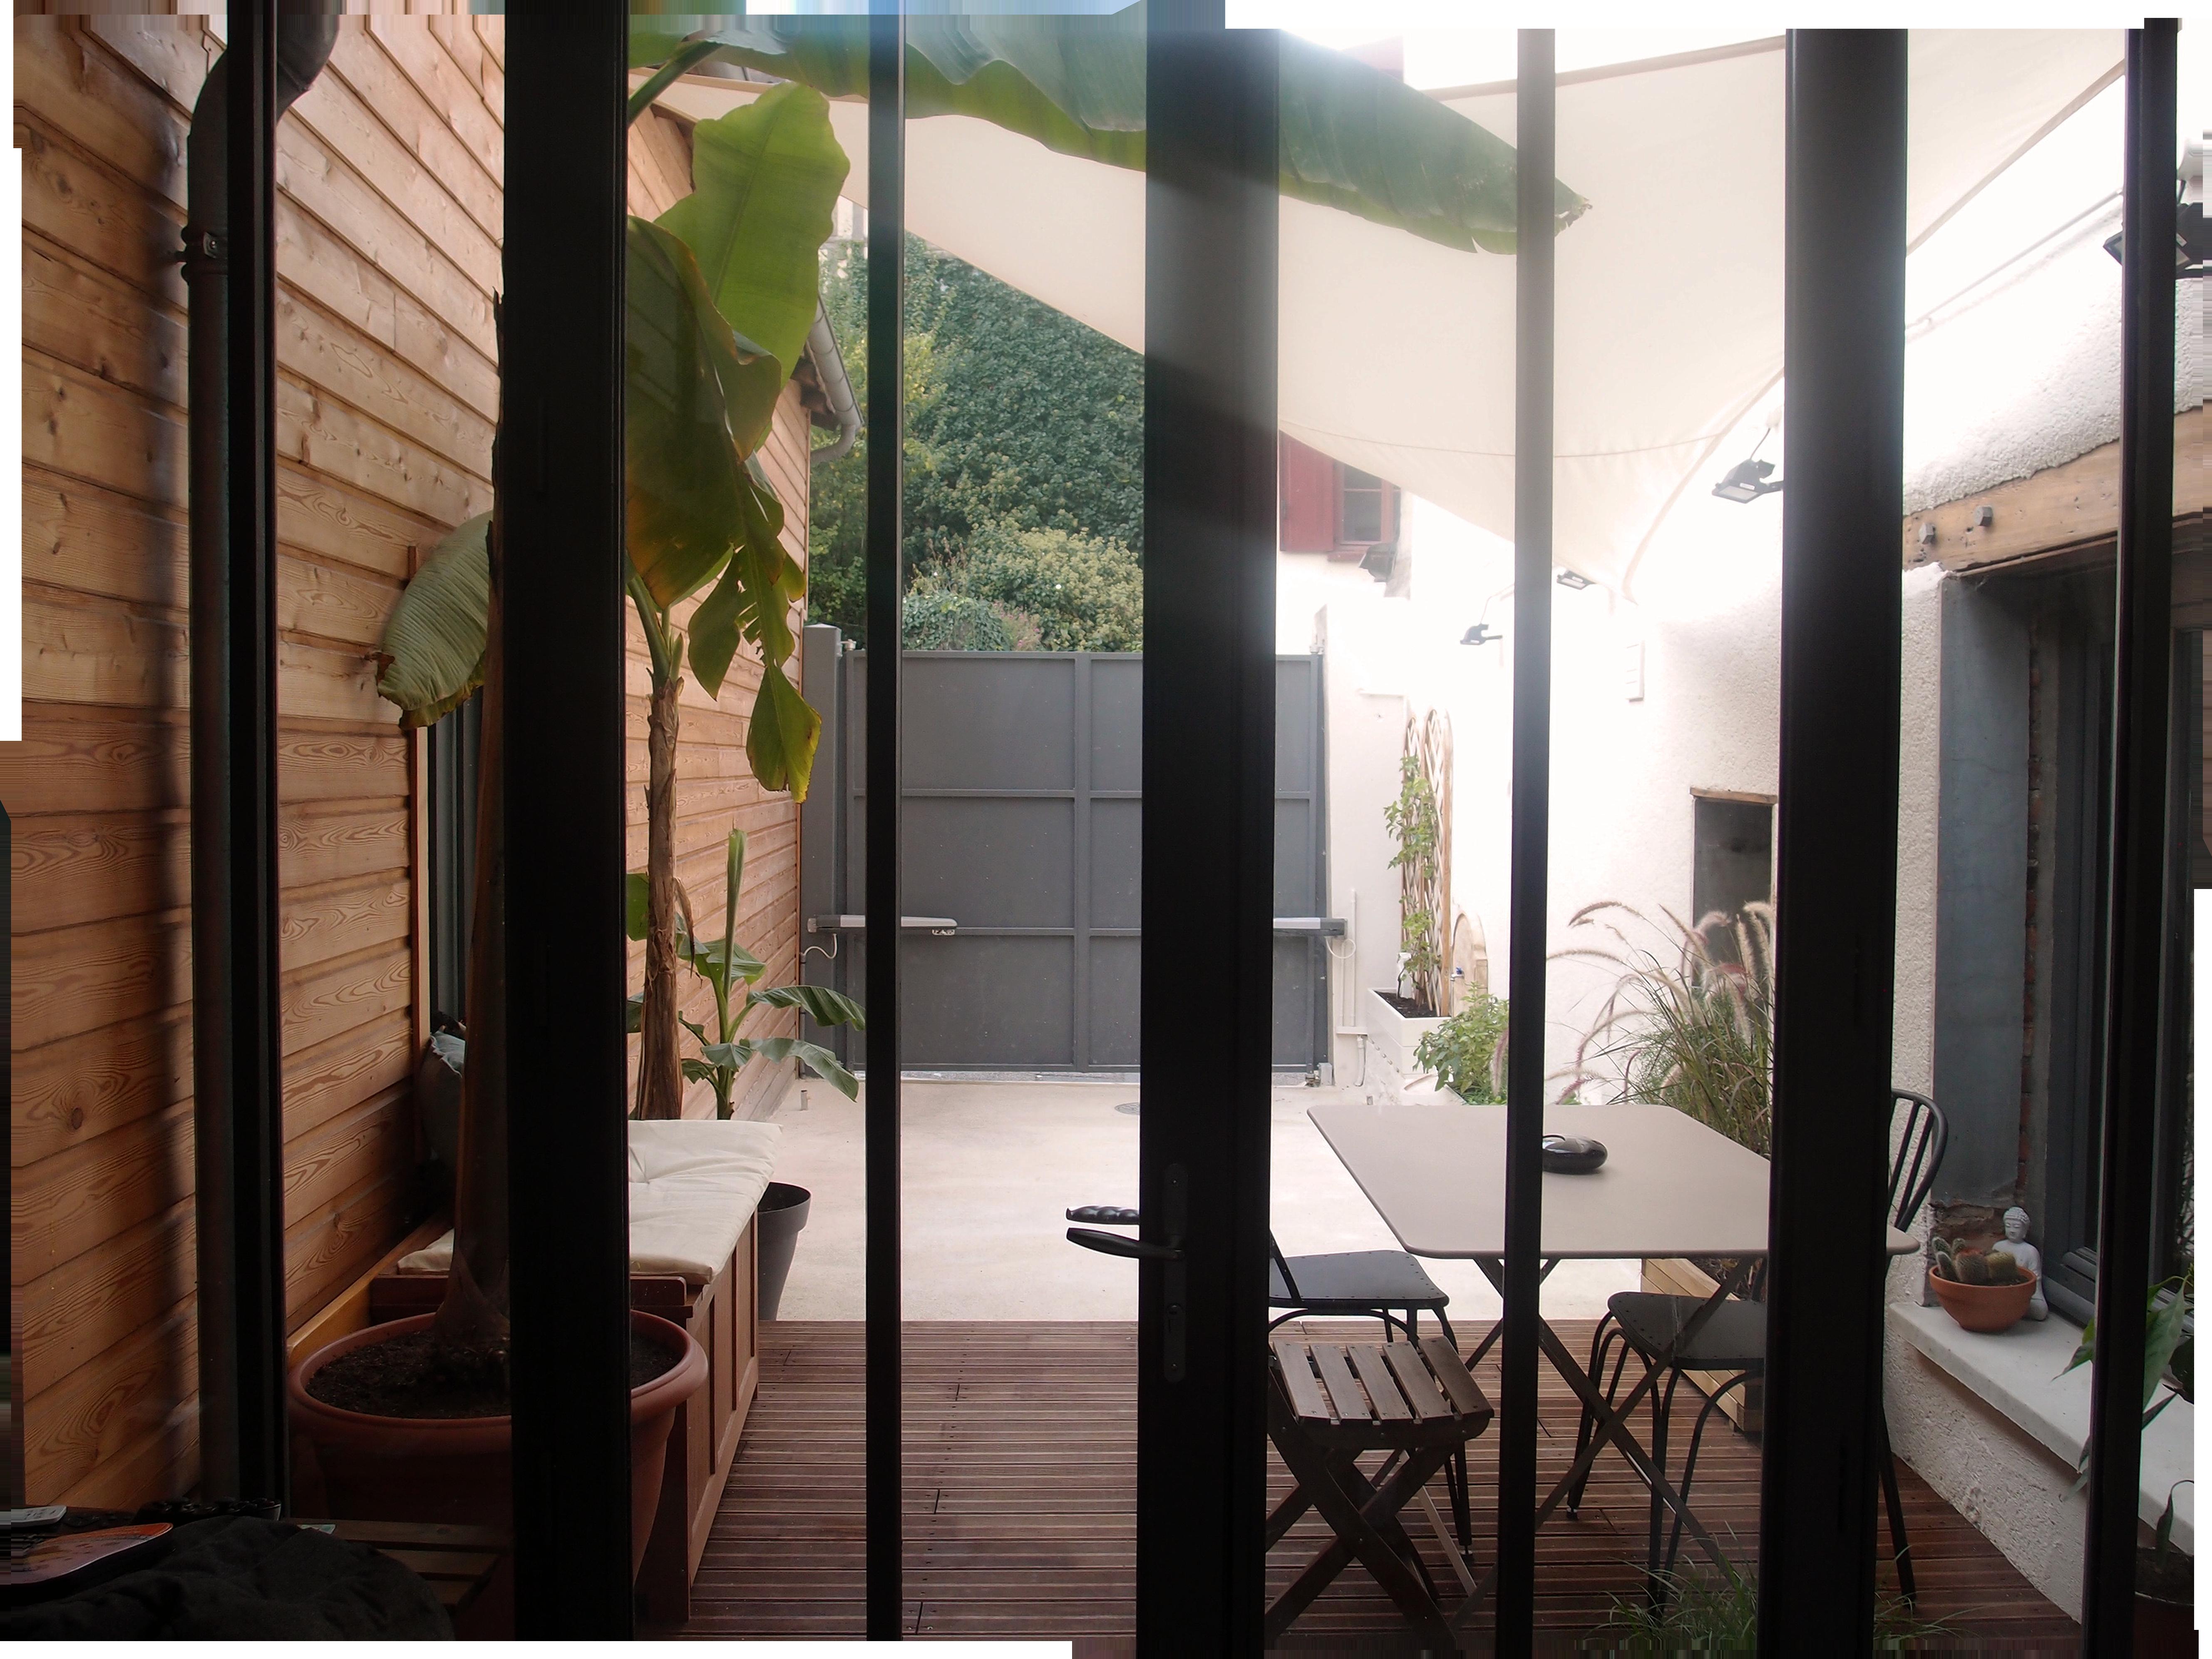 Espace extérieur après réagencement et nouvelle décoration